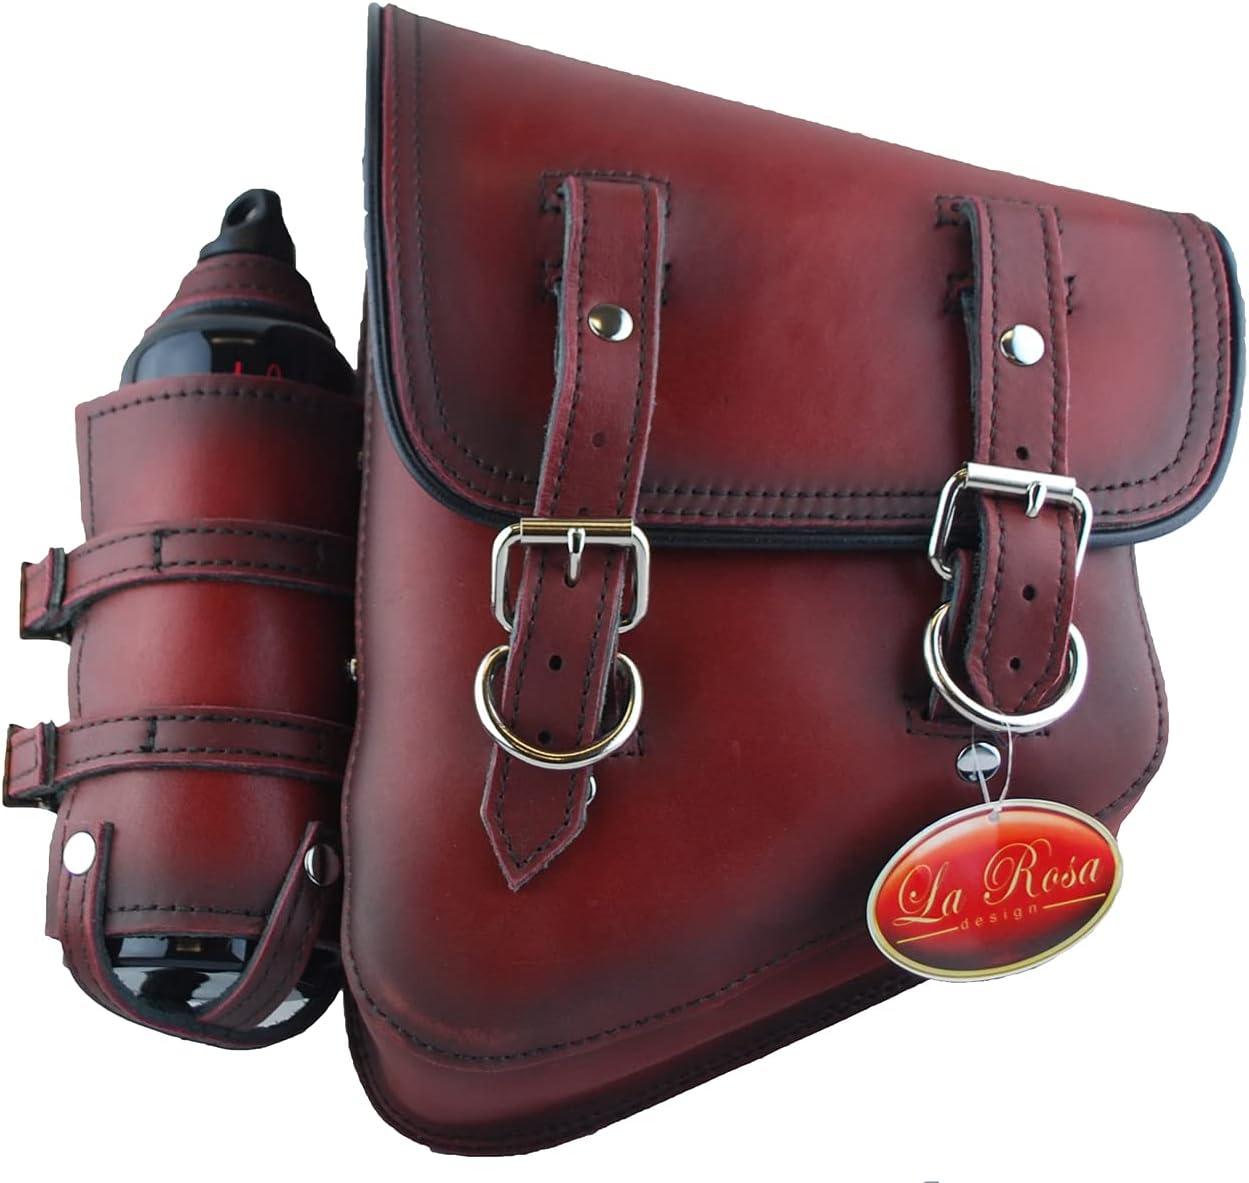 SSBBL01BHLRD-7 La Rosa Leather Saddlebag SHEDR ANTIQUE Columbus Mall LEFT SIDE Opening large release sale